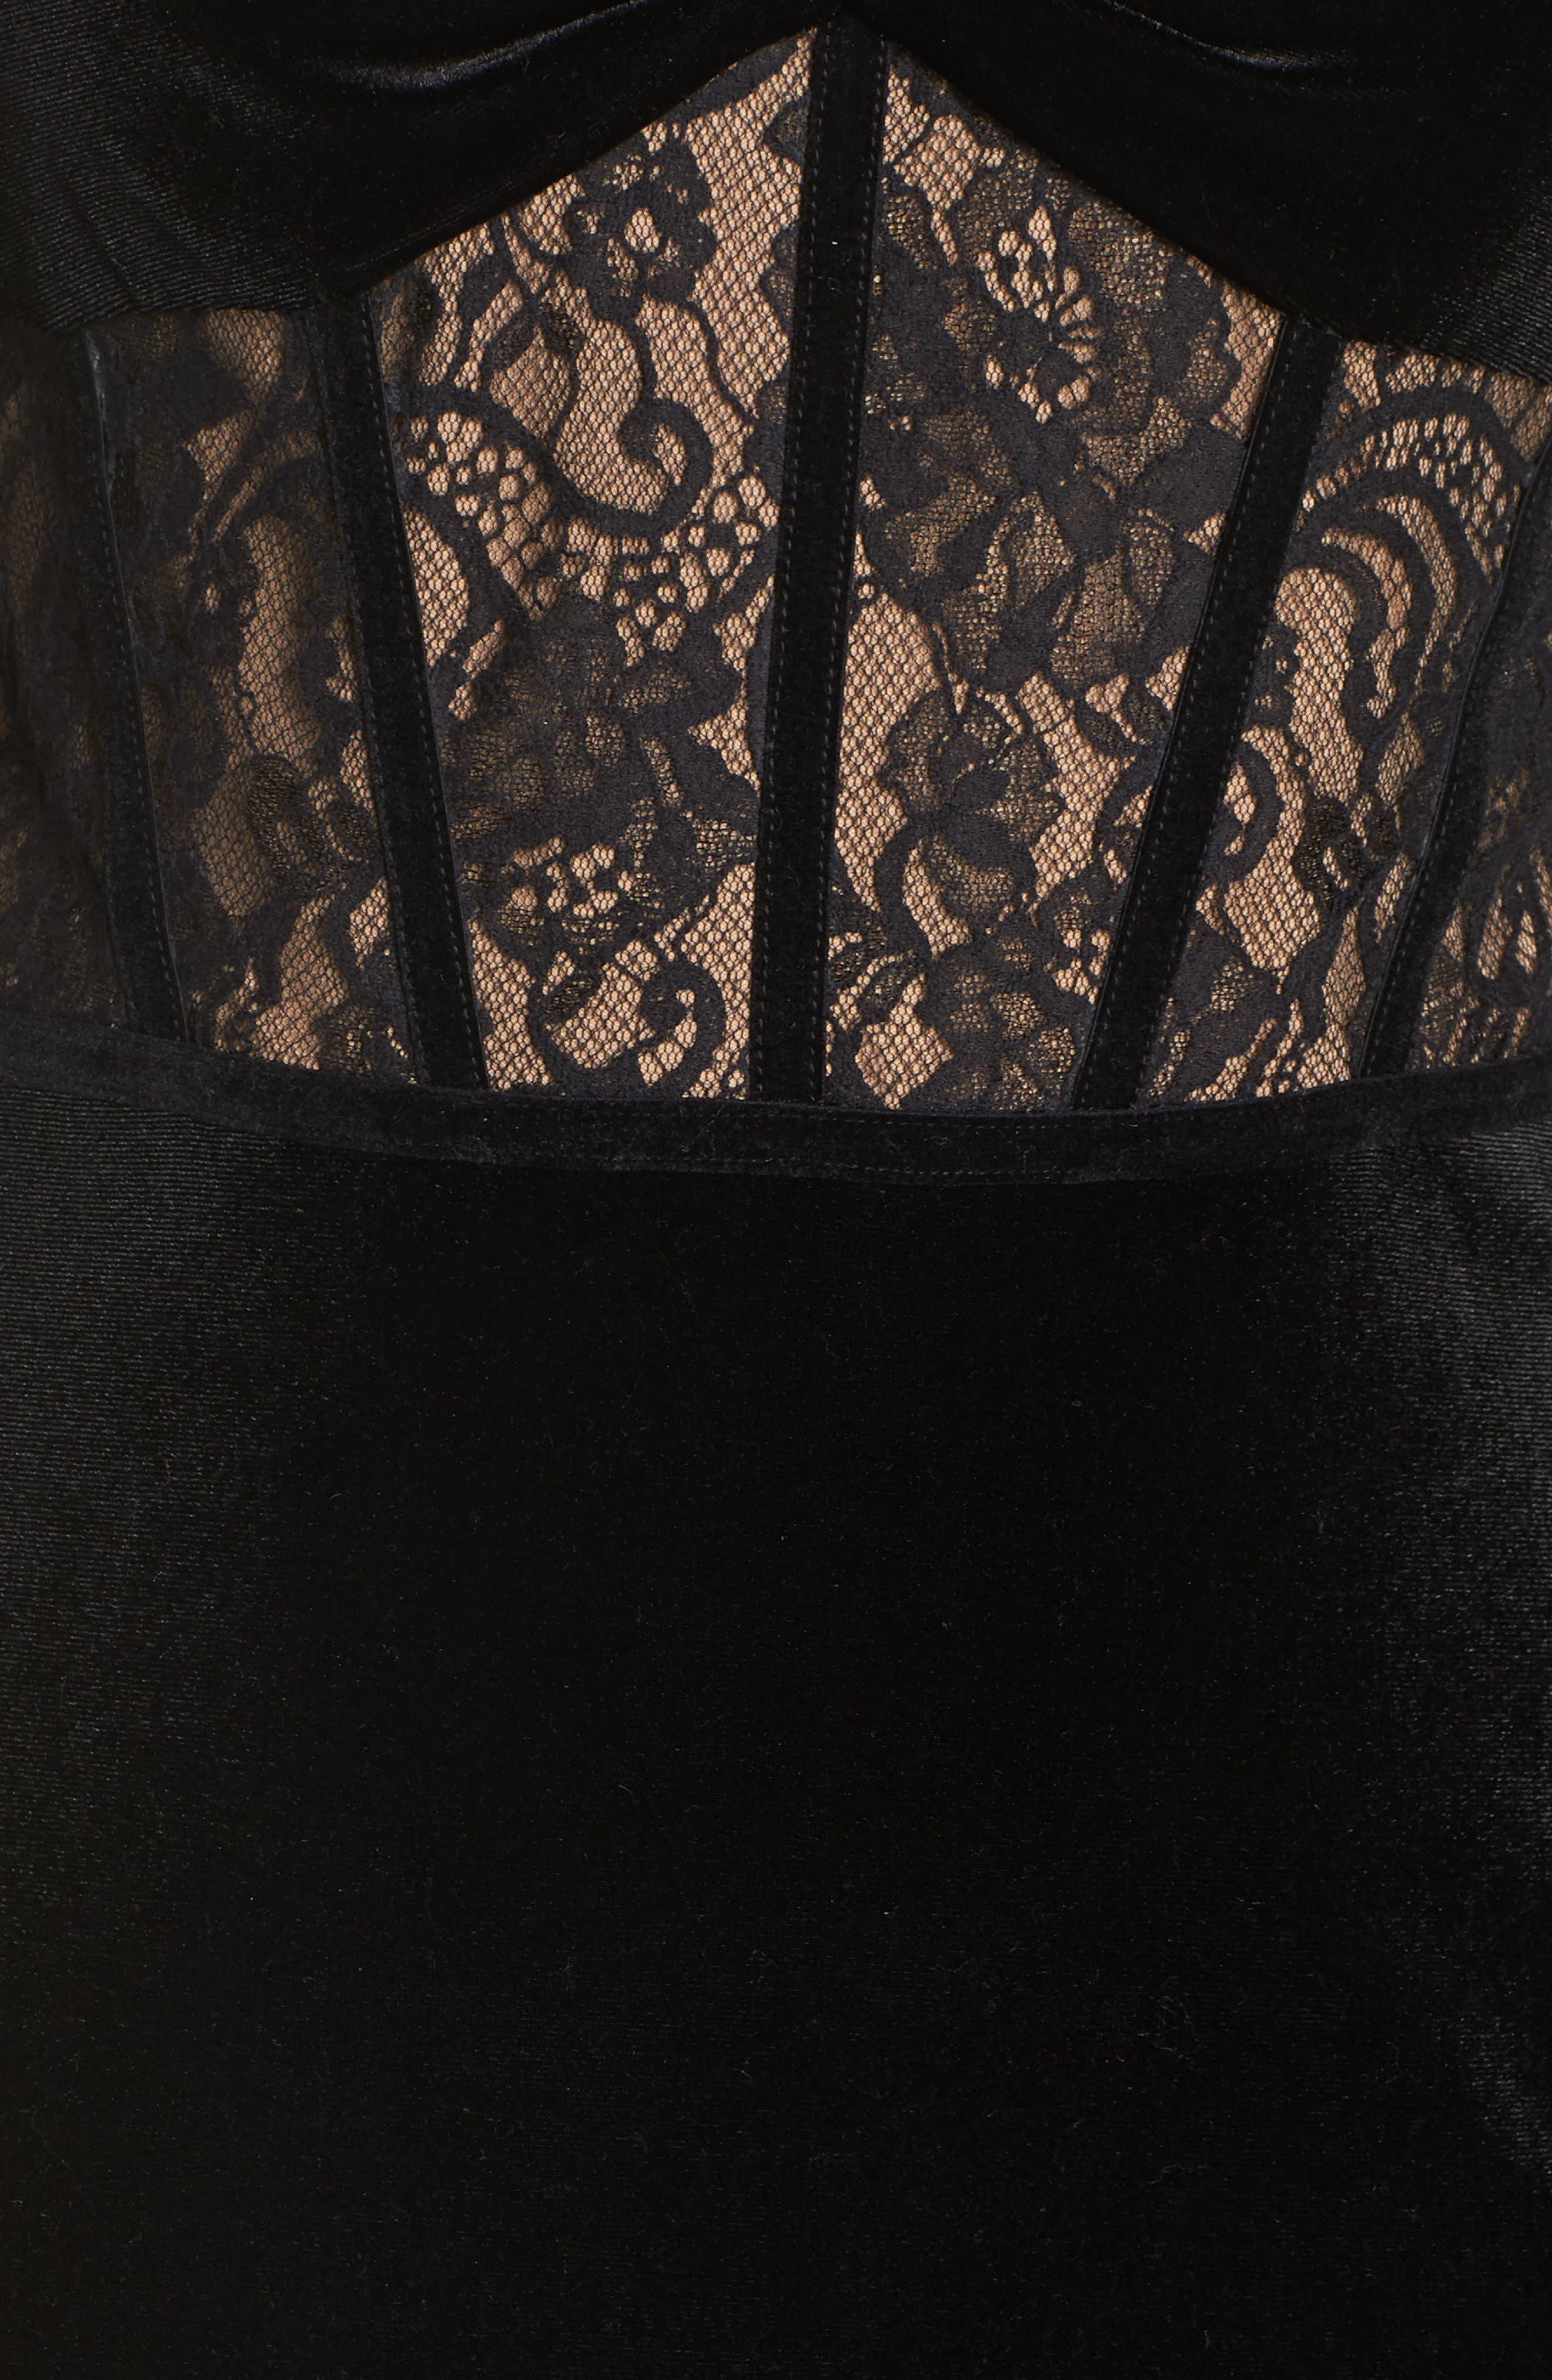 Lace & Velvet Gown,                             Alternate thumbnail 6, color,                             BLACK/ NUDE